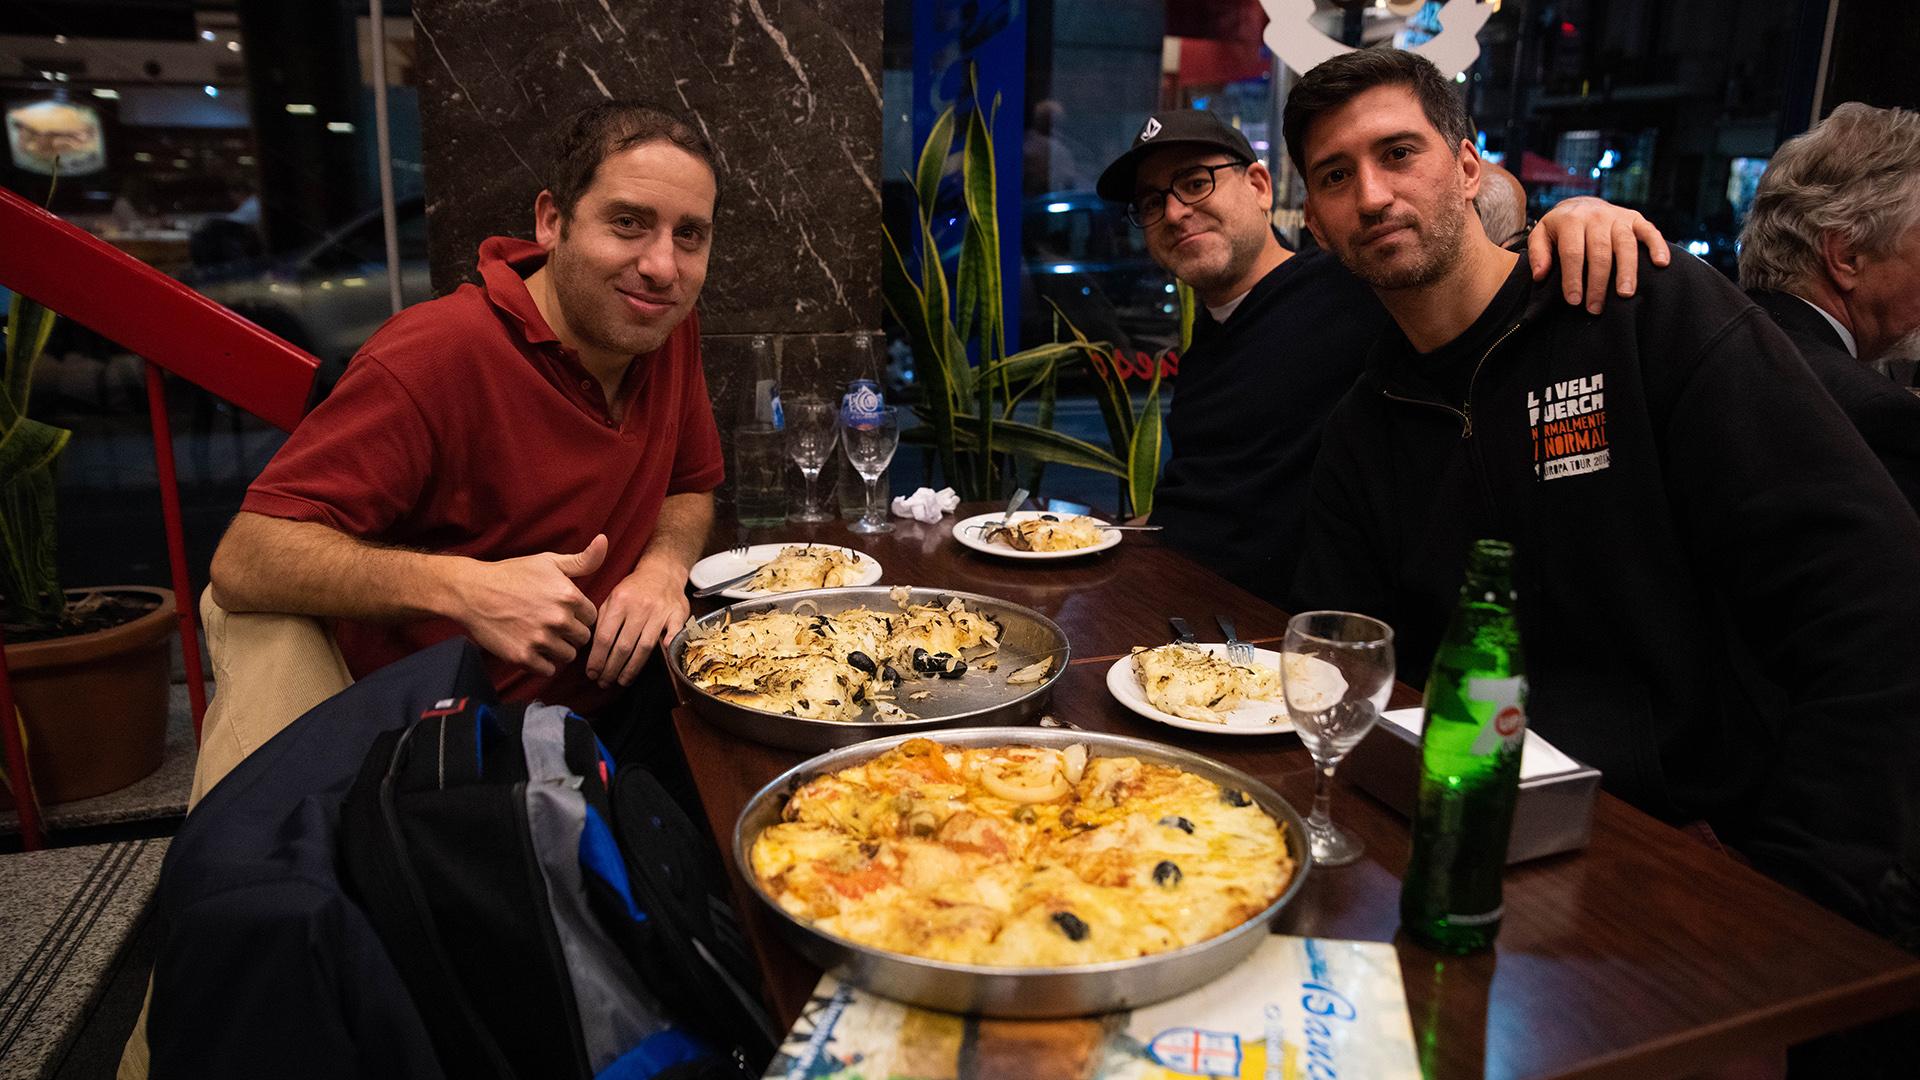 Amigos en Banchero disfrutando una fugazzetta y otra napolitana, dos clásicas de la tradicional pizzería de la Avenida Corrientes